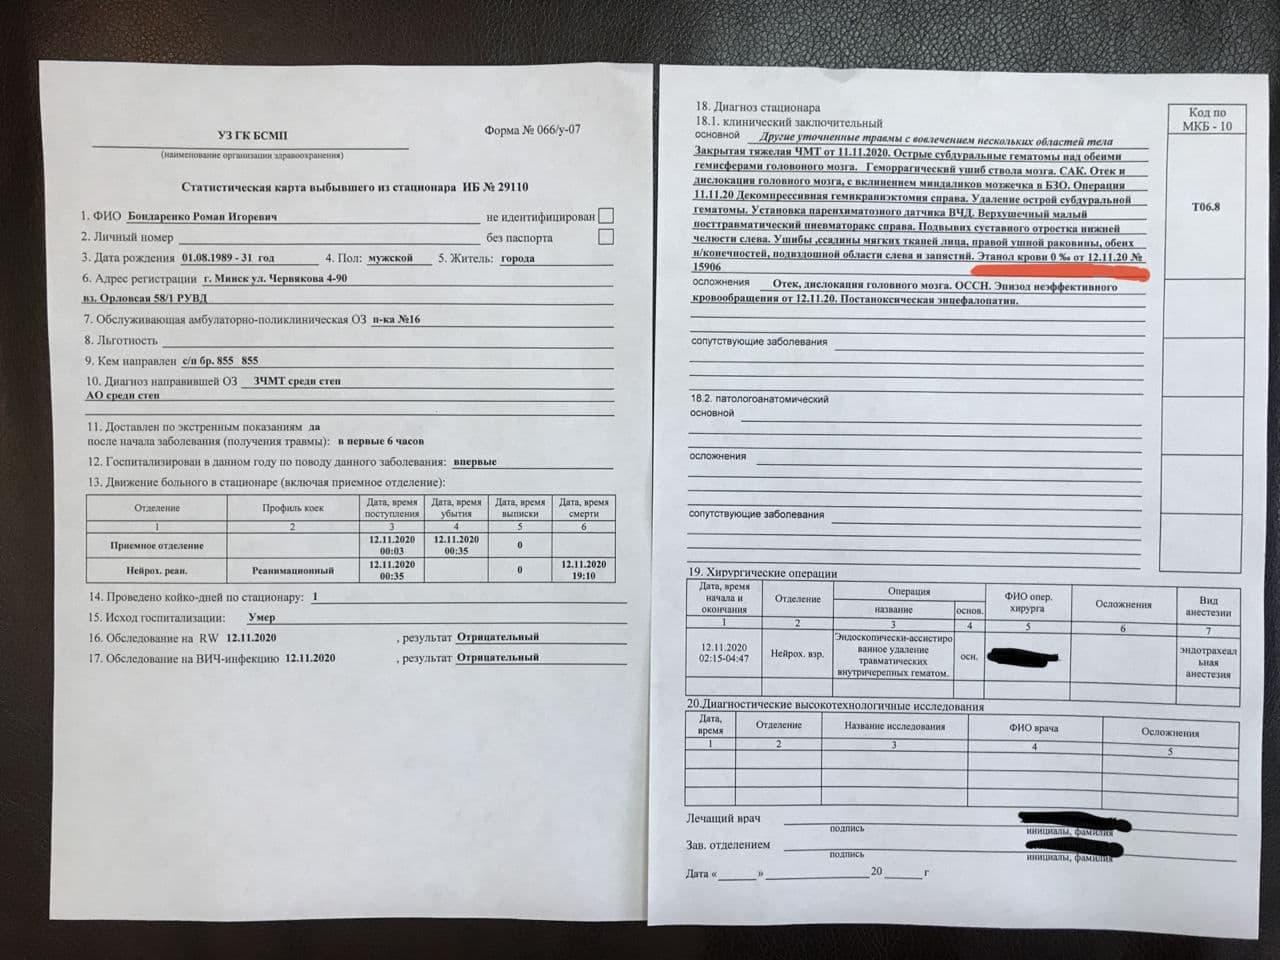 Вместе с тем телеграм-канал «белые халаты» пишет, что у Романа Бондаренко было 0% алкоголя в крови, фото из Сети